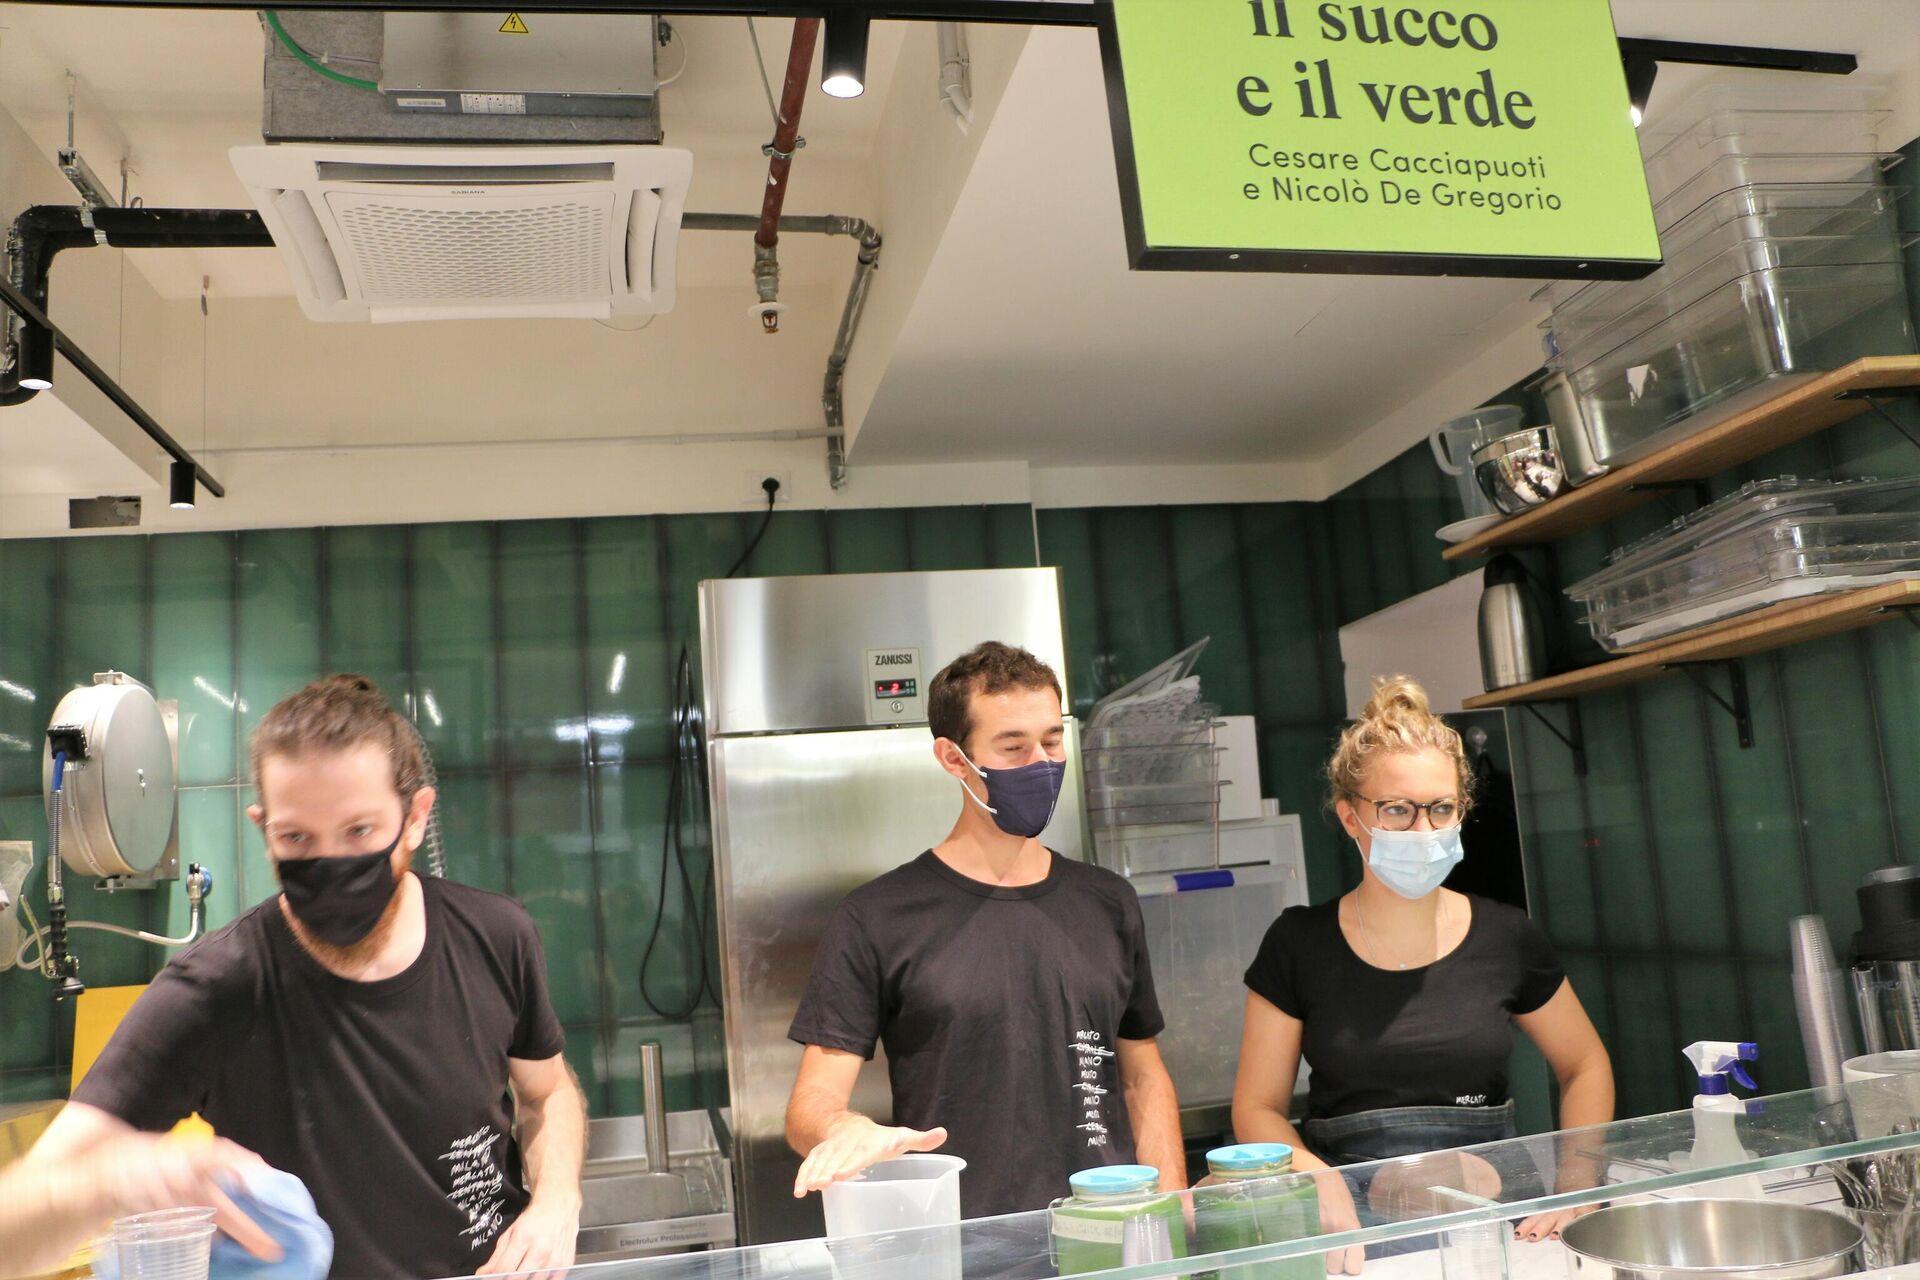 La bottega Il succo e il verde di Cesare Cacciapuoti e Nicolò De Gregorio al Mercato Centrale Milano - Sputnik Italia, 1920, 03.09.2021